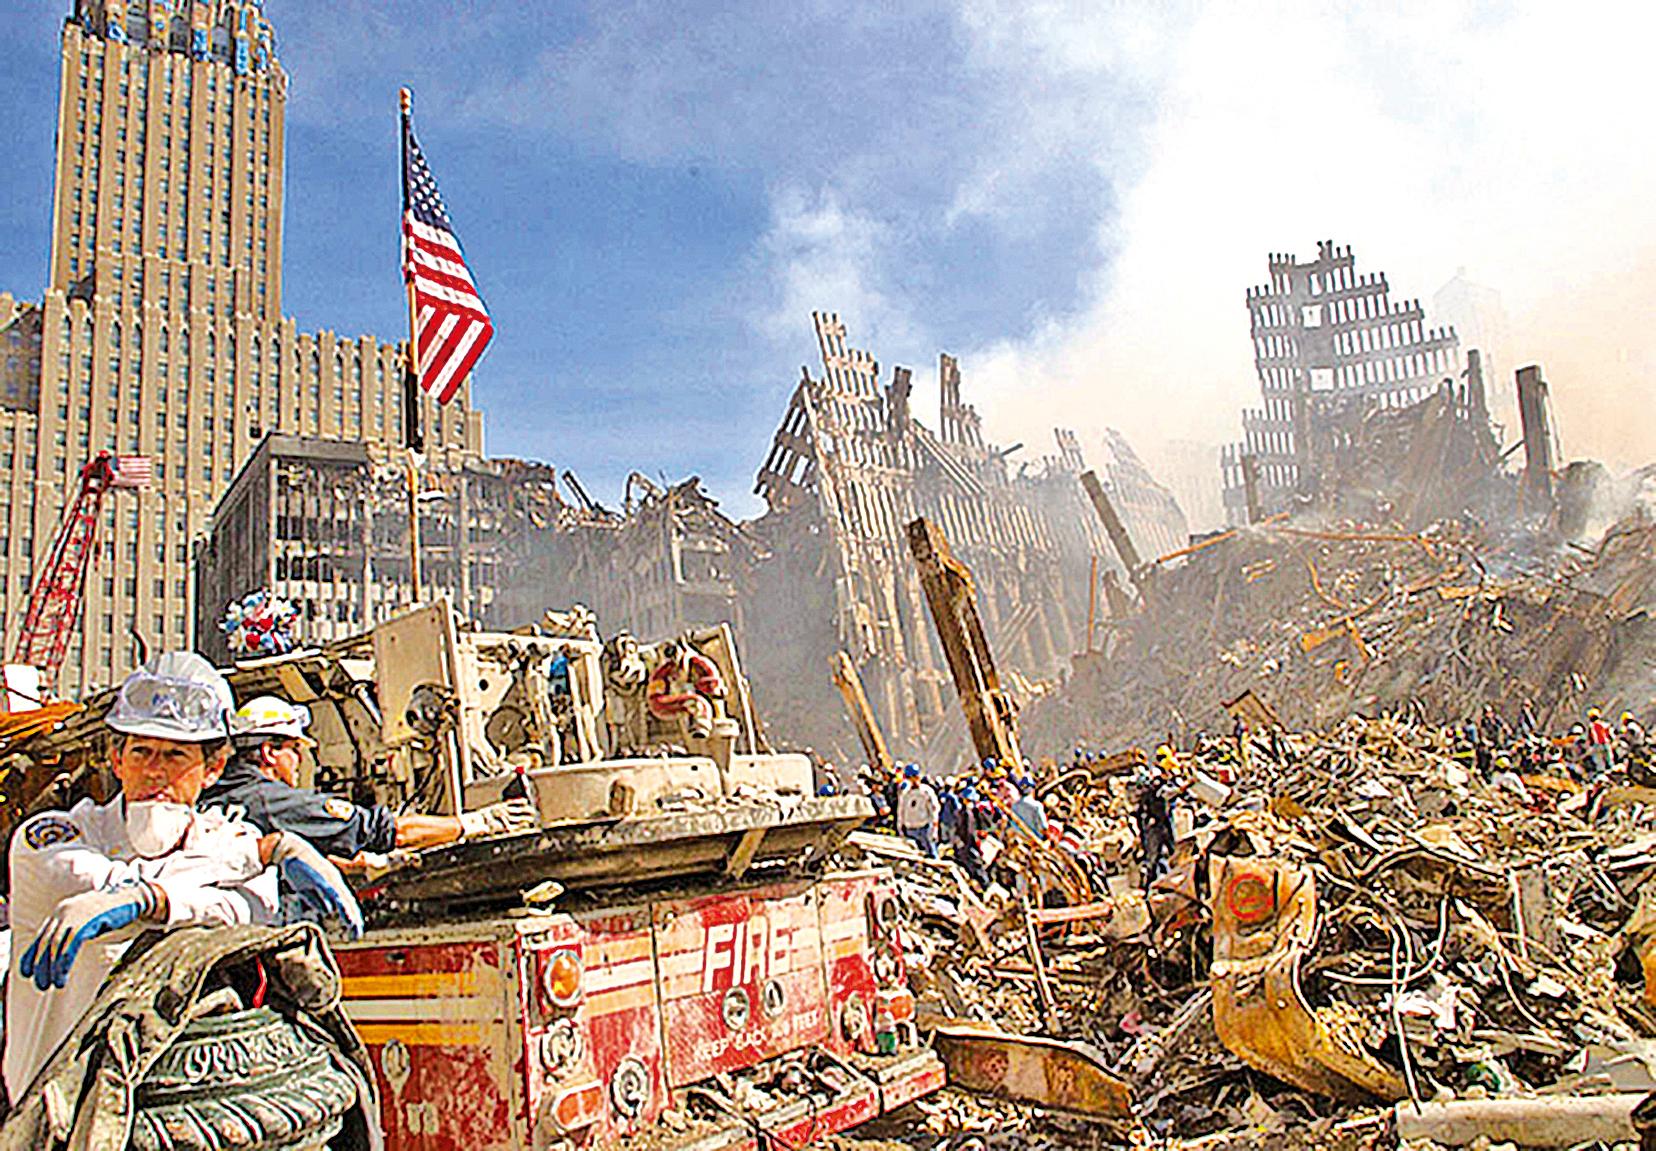 2001年9月13日,紐約世界貿易中心大樓倒塌後的現場一片狼藉。(AFP)